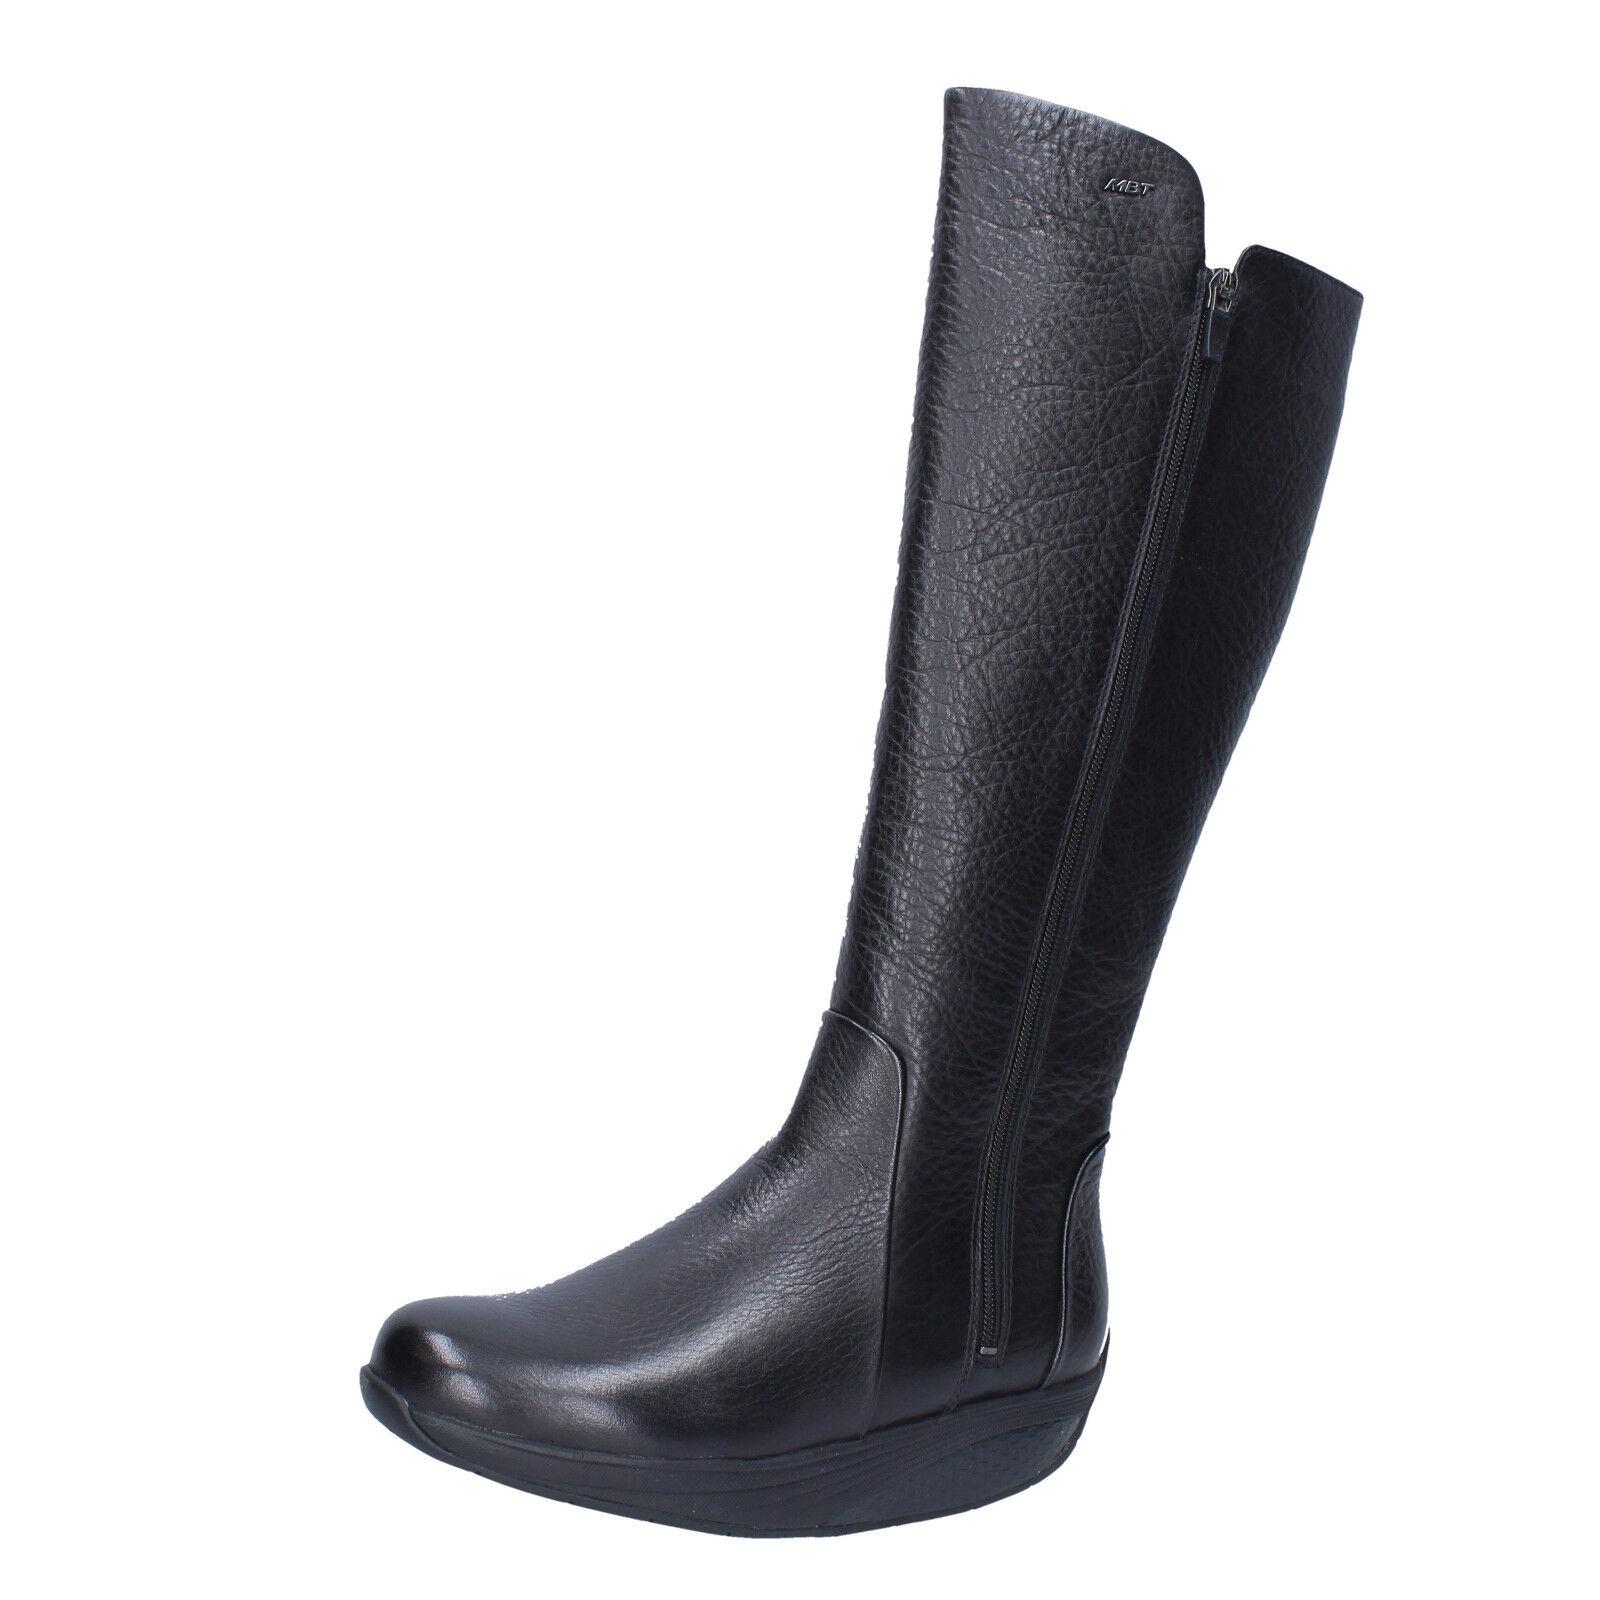 Para Rendimiento mujeres Zapatos MBT 3,5  Botas Rendimiento Para De Cuero Negro BT290-36 f8d2f4